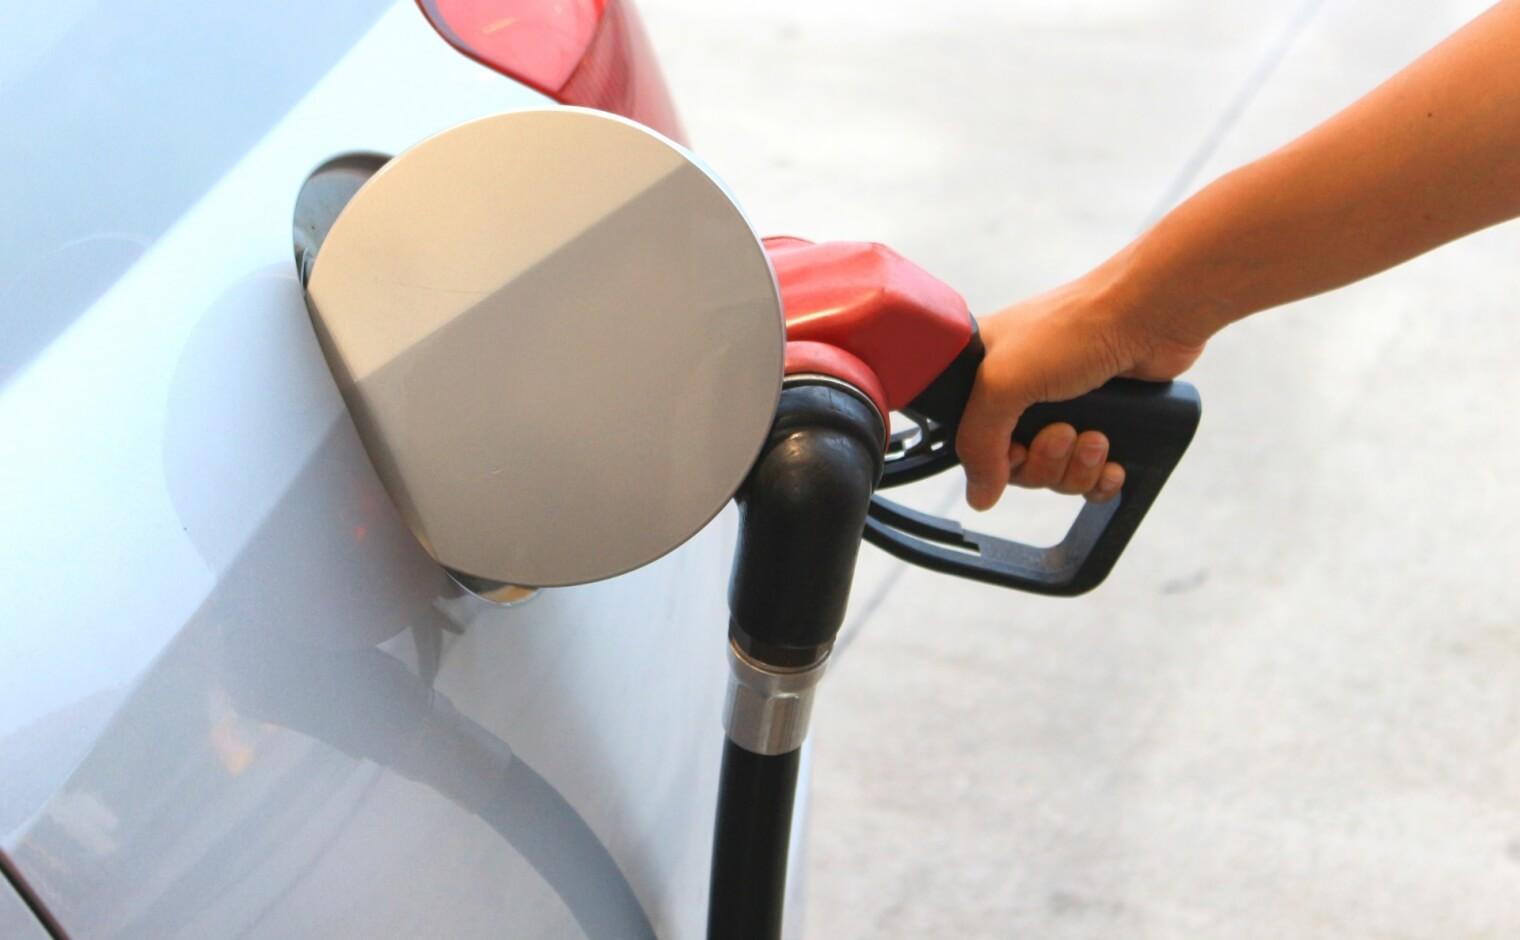 燃料タンクの容量